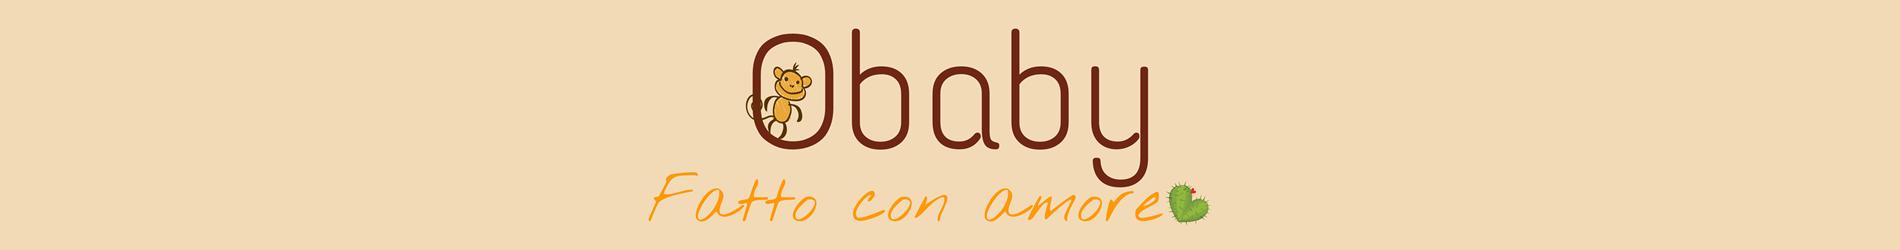 Obaby fattoconamore